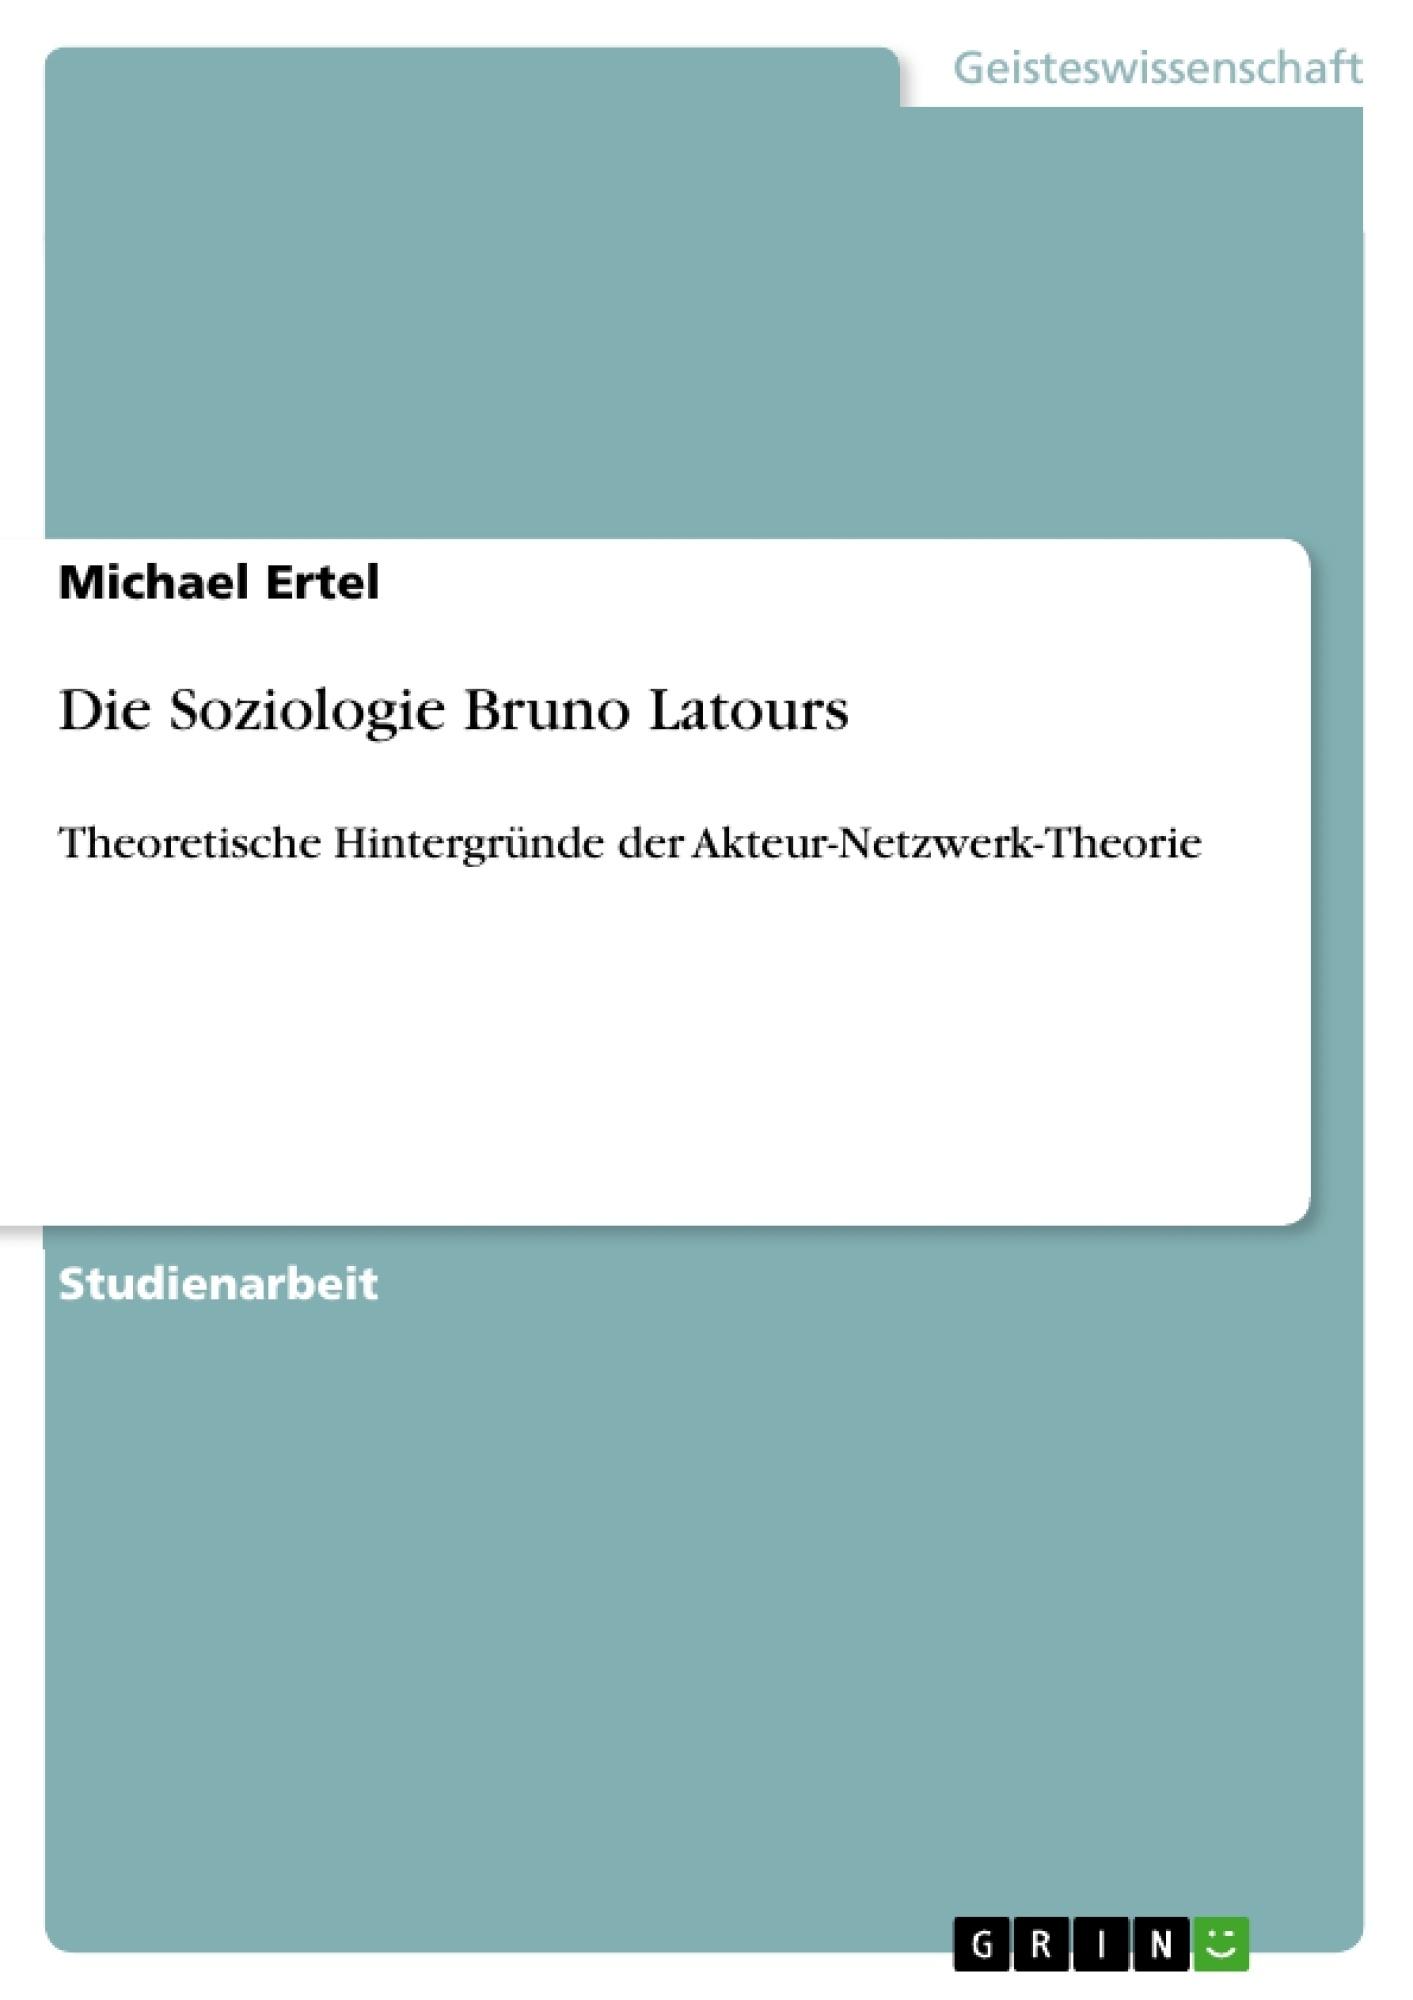 Titel: Die Soziologie Bruno Latours